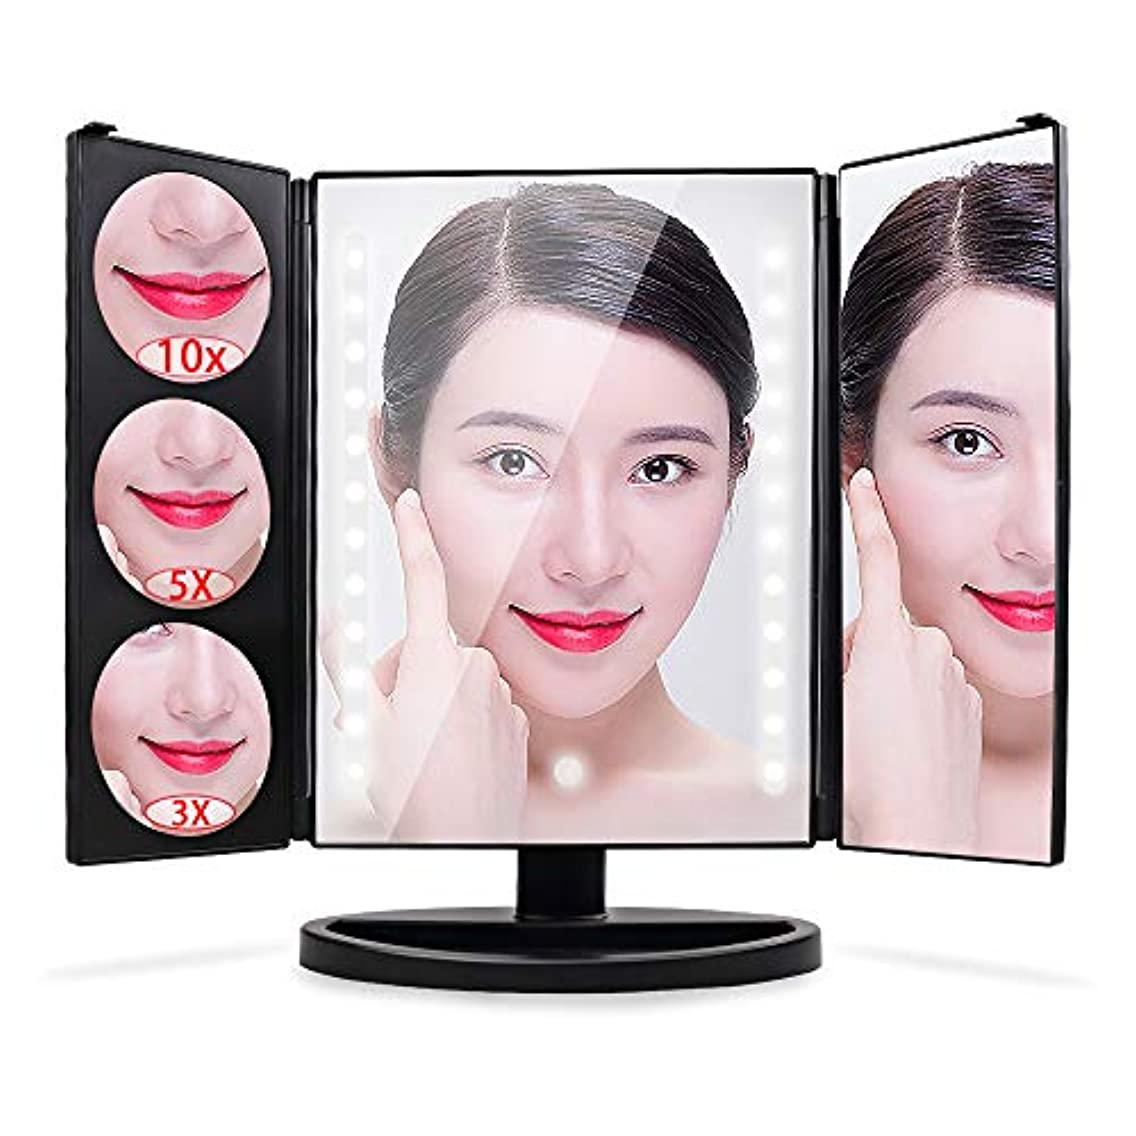 探検憤る台風Konomio 化粧鏡 鏡 化粧ミラー 三面鏡 女優ミラー 拡大鏡 3&5&10倍 卓上 led付き 明るさ調節可能 折りたたみ 180°回転 電池&USB 2way給電